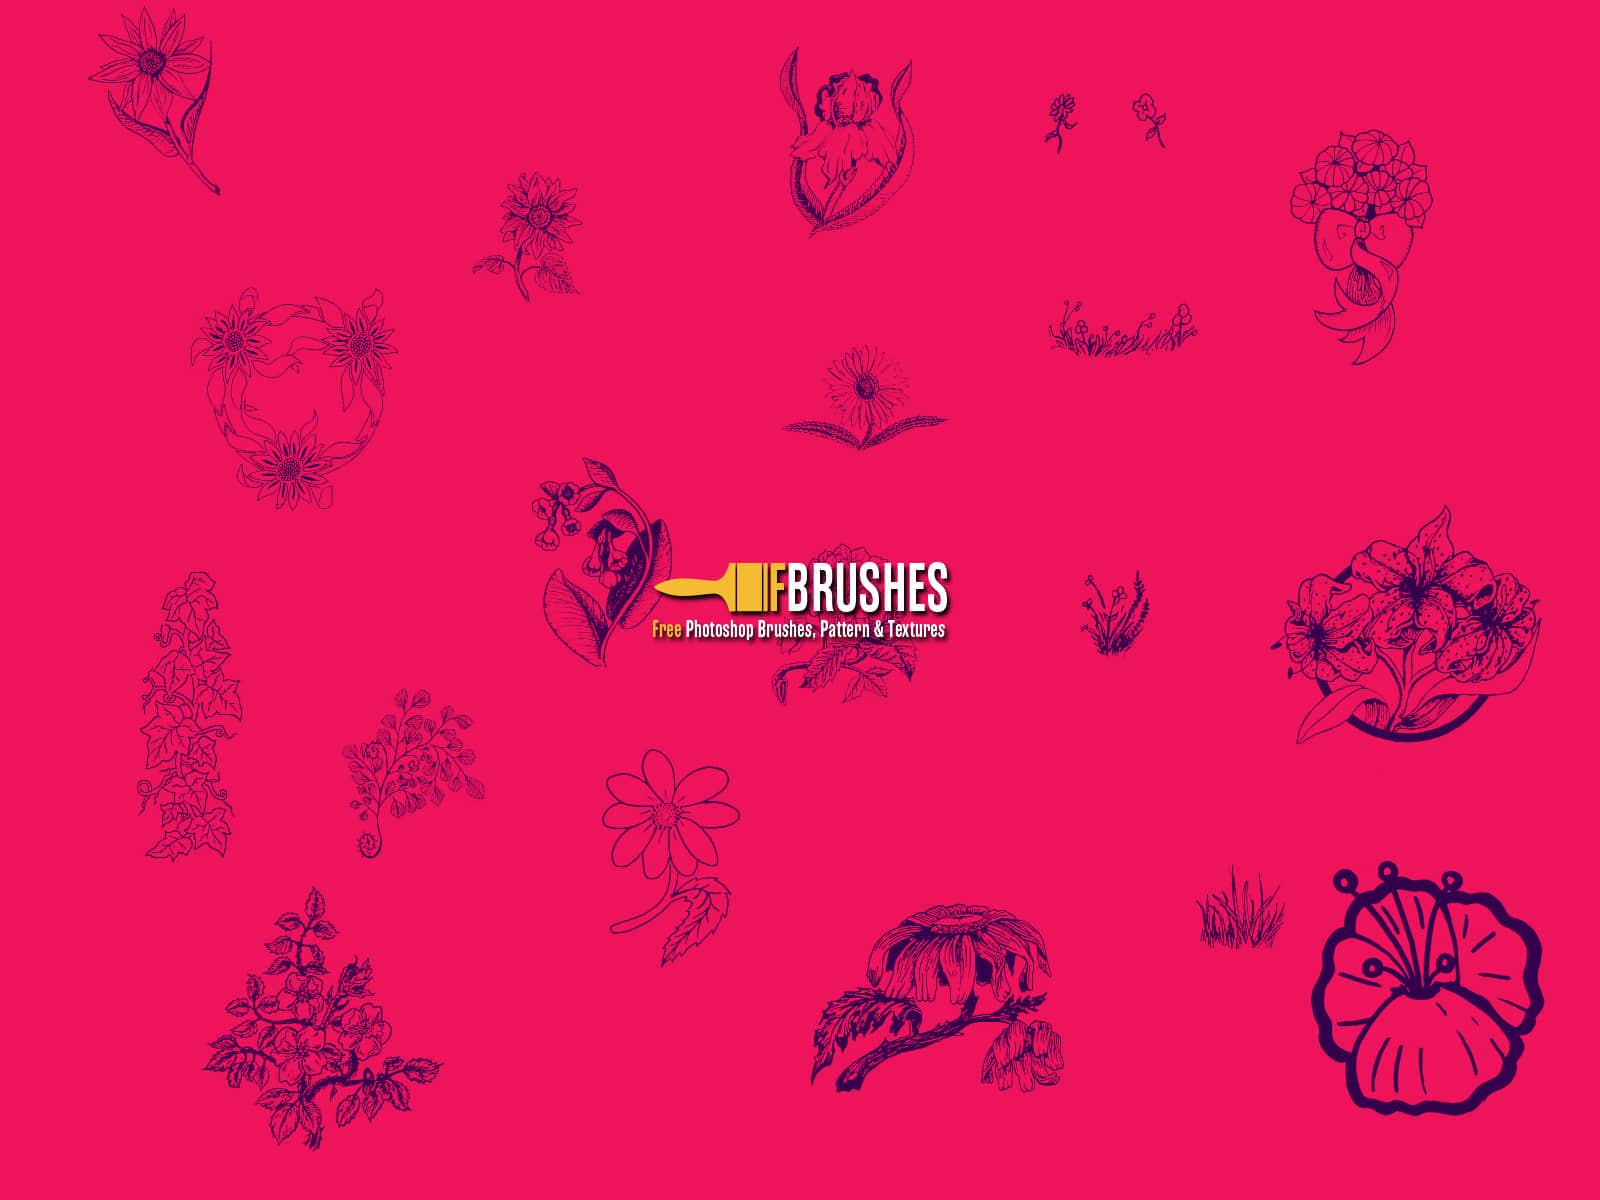 漂亮的手绘花卉图案、花朵图案Photoshop笔刷下载 花纹笔刷 花朵花纹笔刷 花卉笔刷 植物花纹笔刷 手绘花纹笔刷  flowers brushes